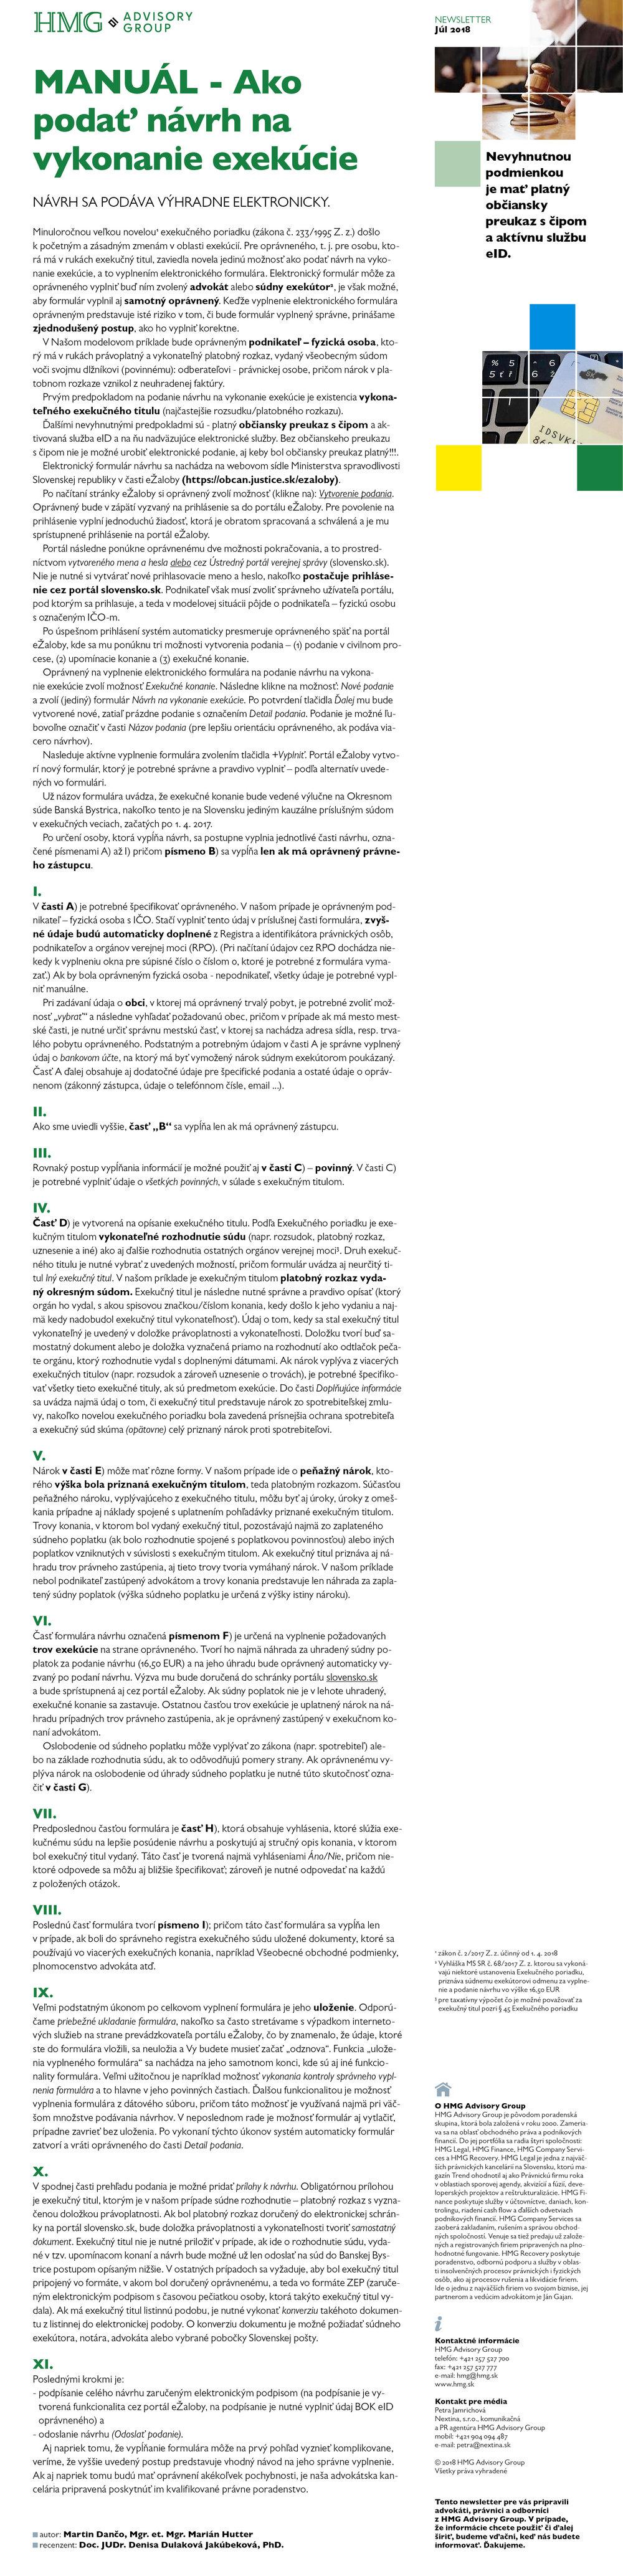 HMG_newsletter_exekucia.jpg